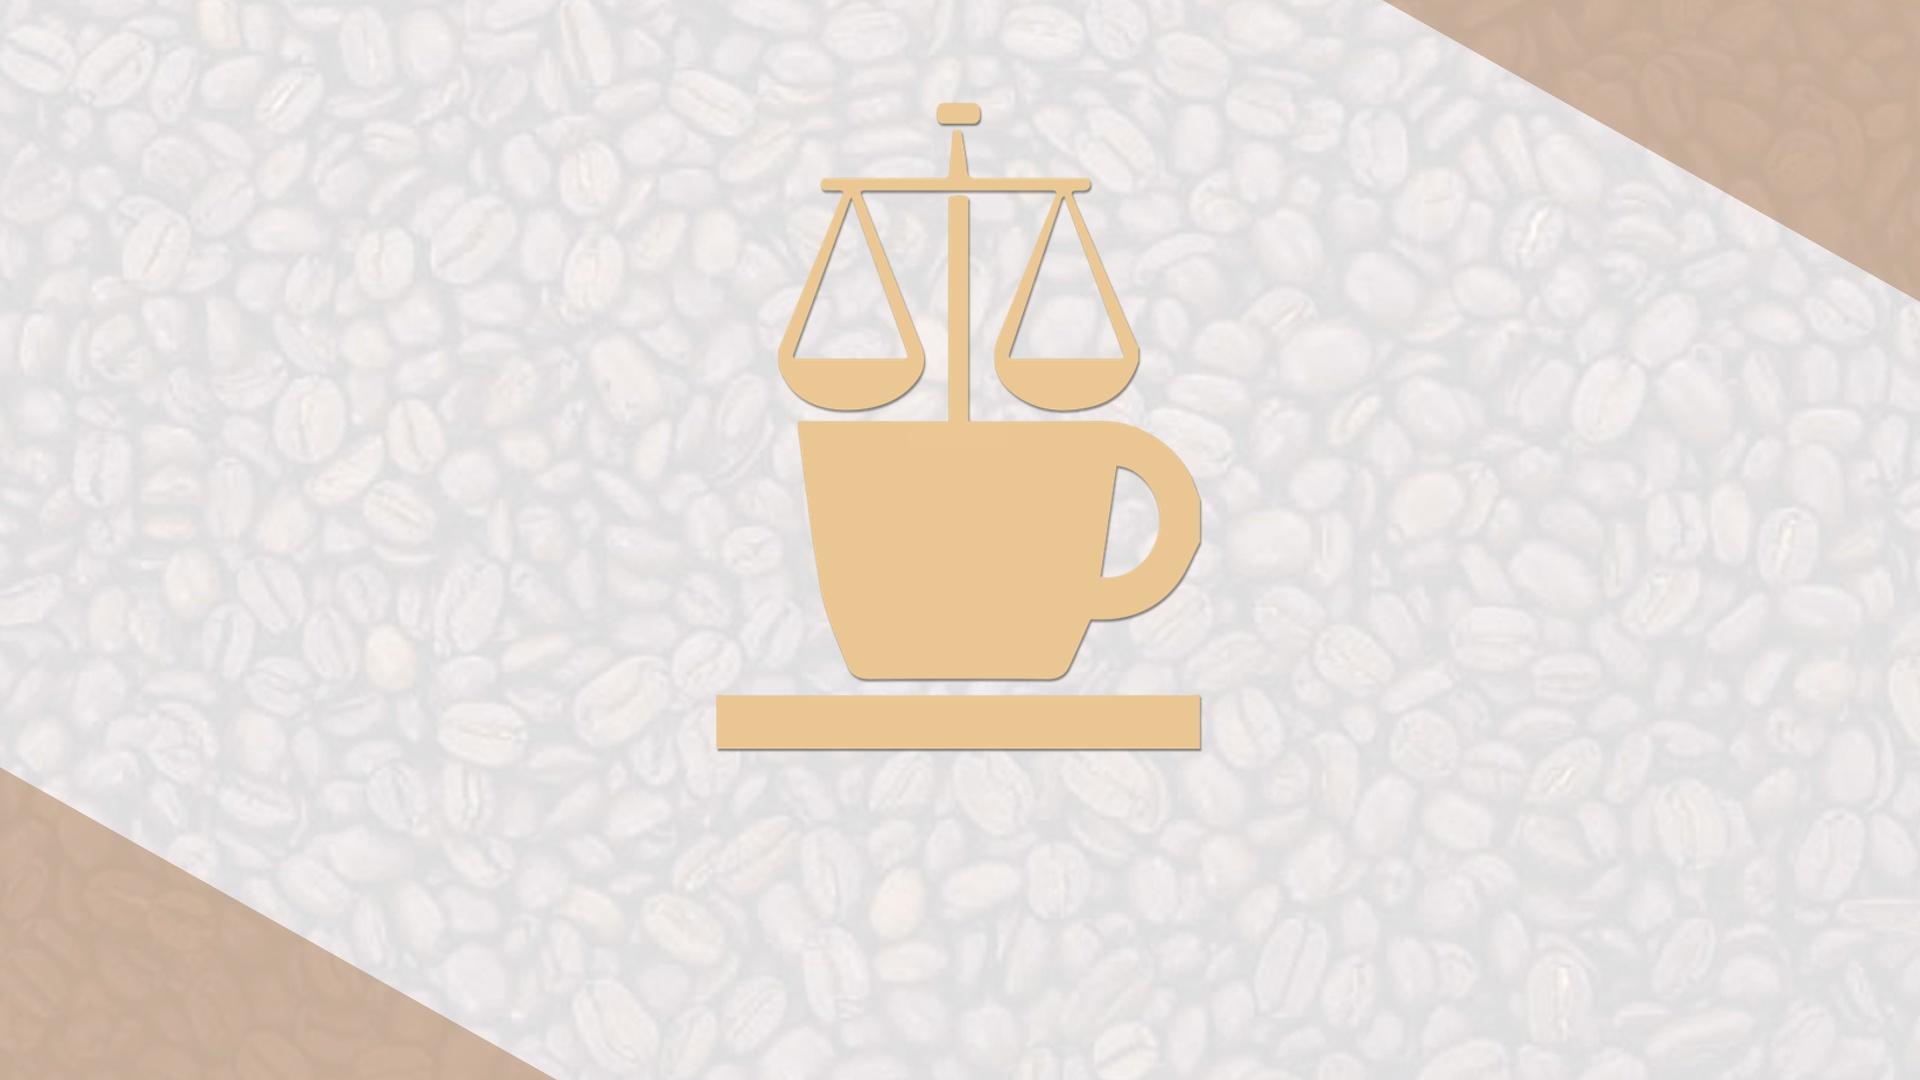 Il Tg Flash di Giustizia Caffè 13-07